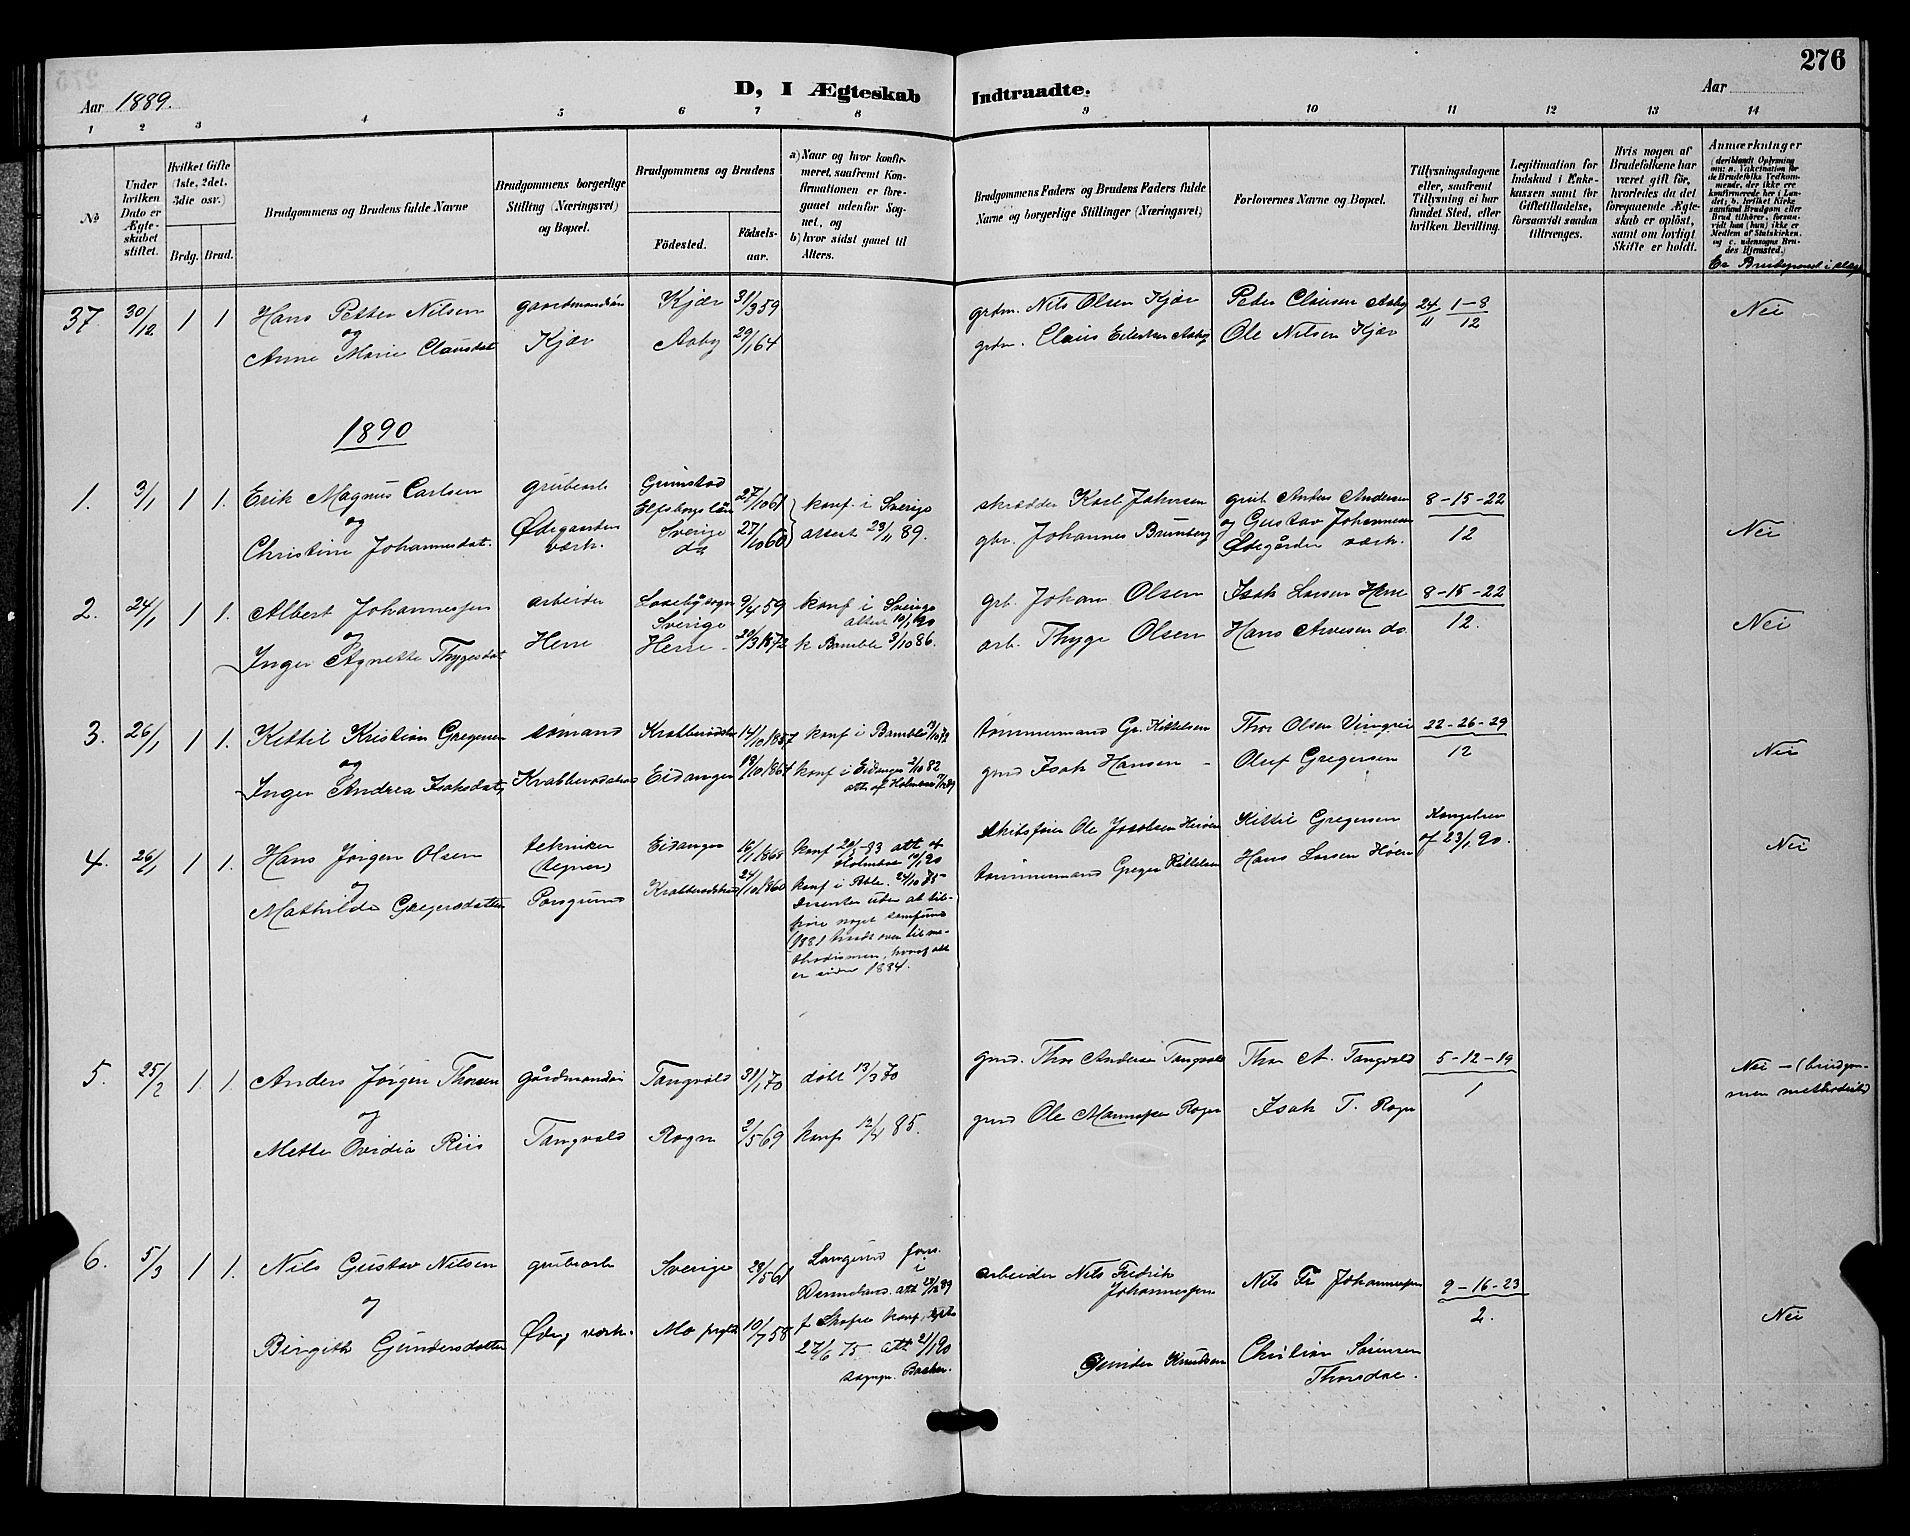 SAKO, Bamble kirkebøker, G/Ga/L0009: Klokkerbok nr. I 9, 1888-1900, s. 276